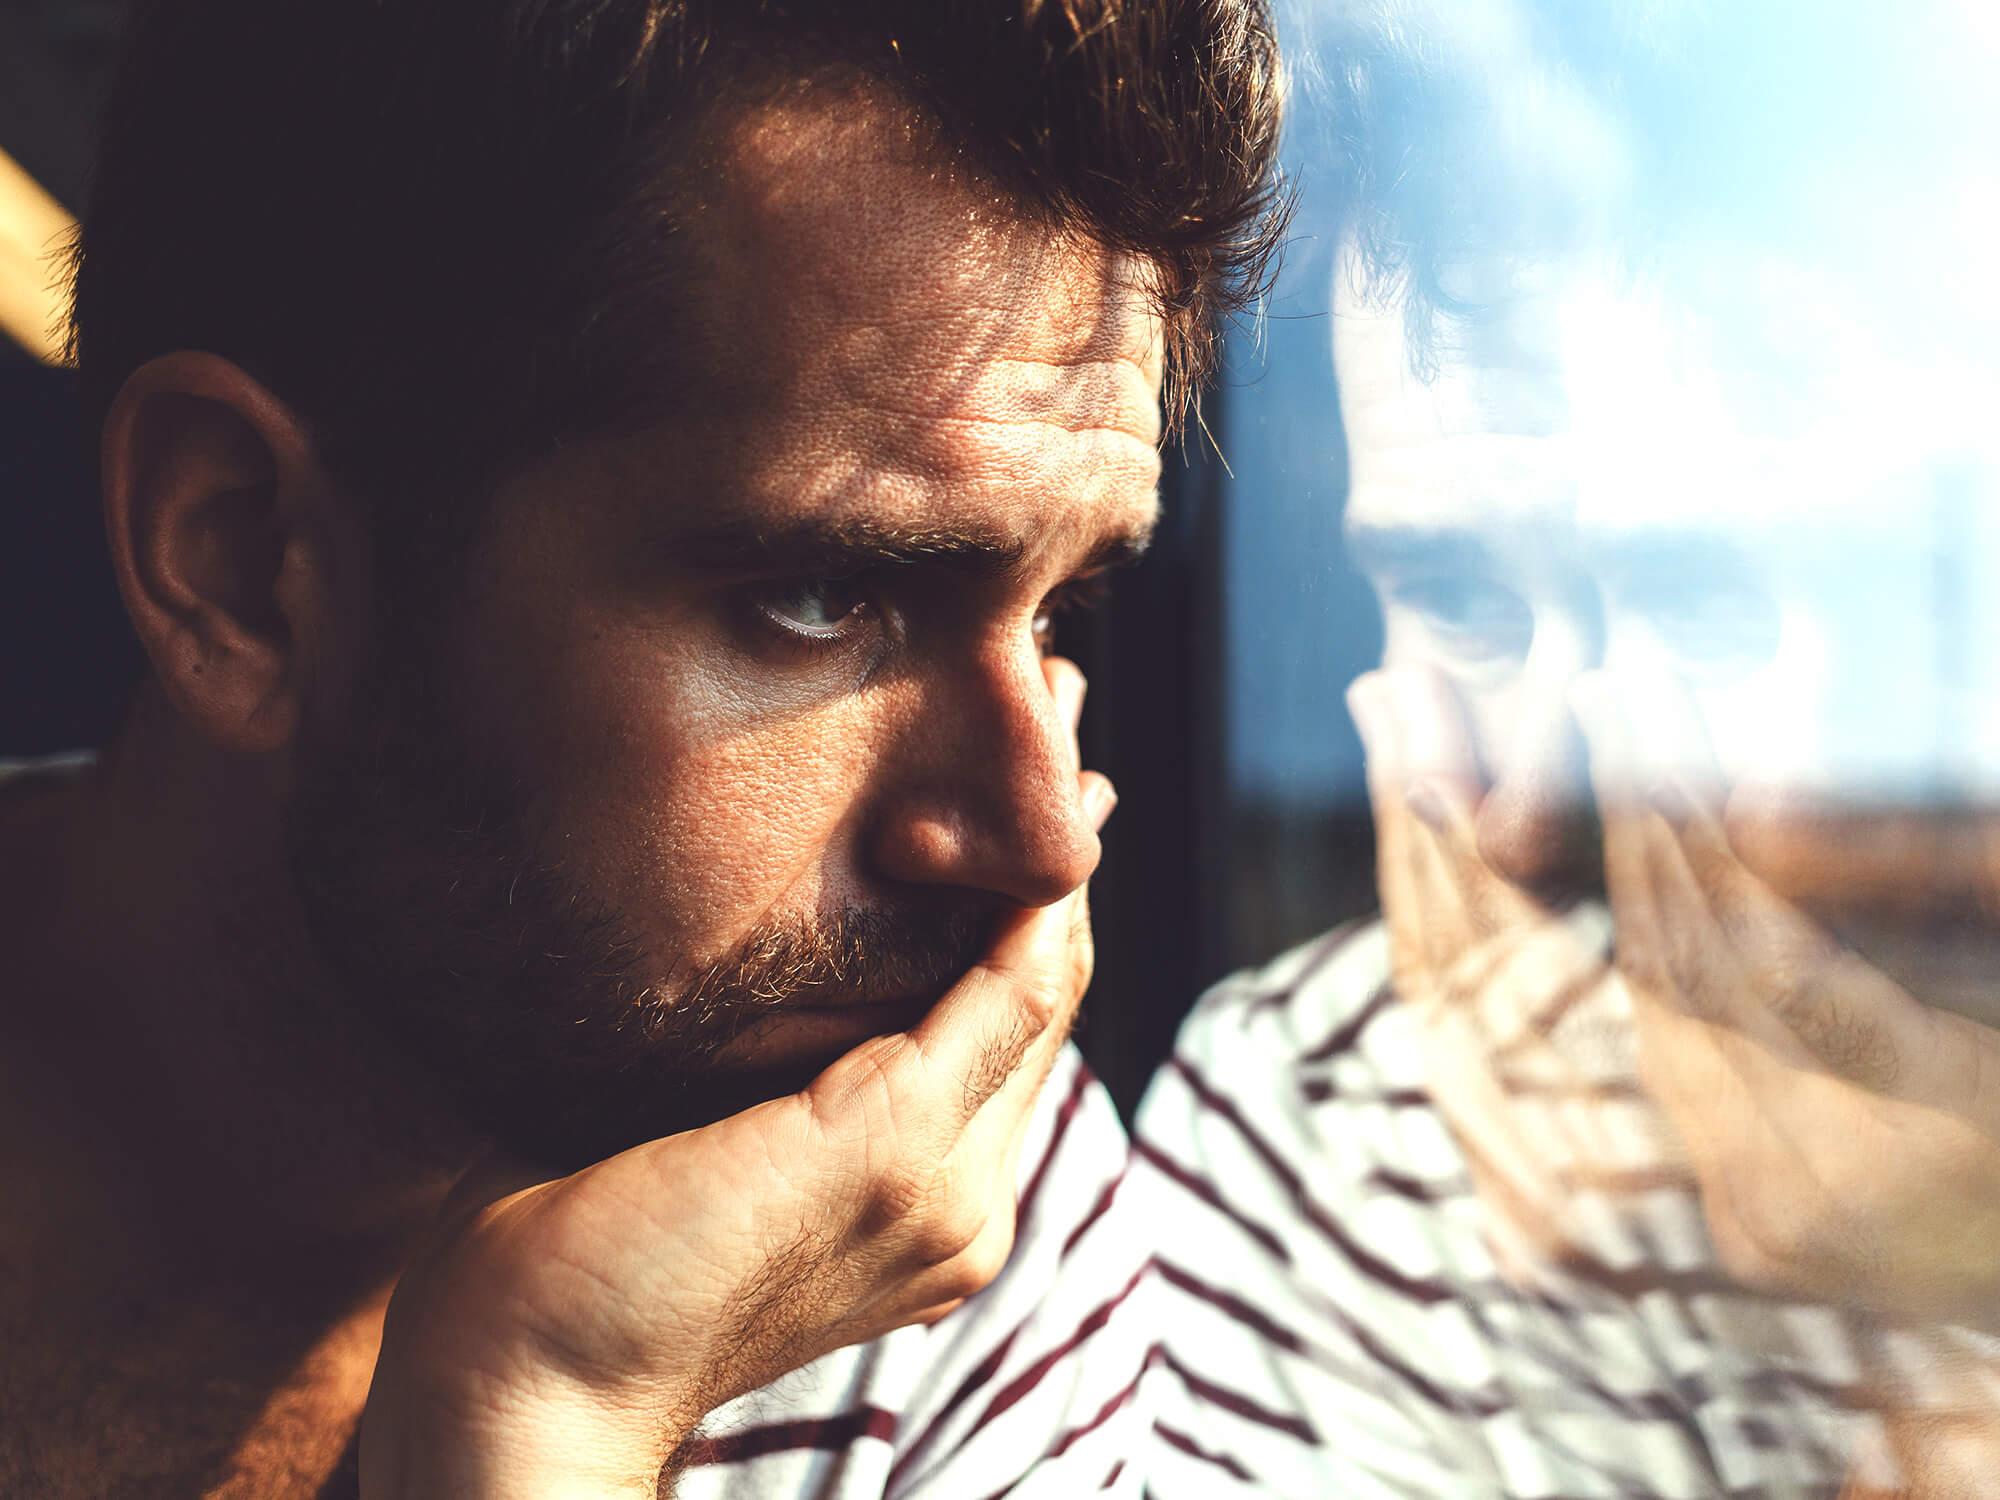 Wie lange darf man trauern? Gibt es ein gutes oder schlechtes Trauern?